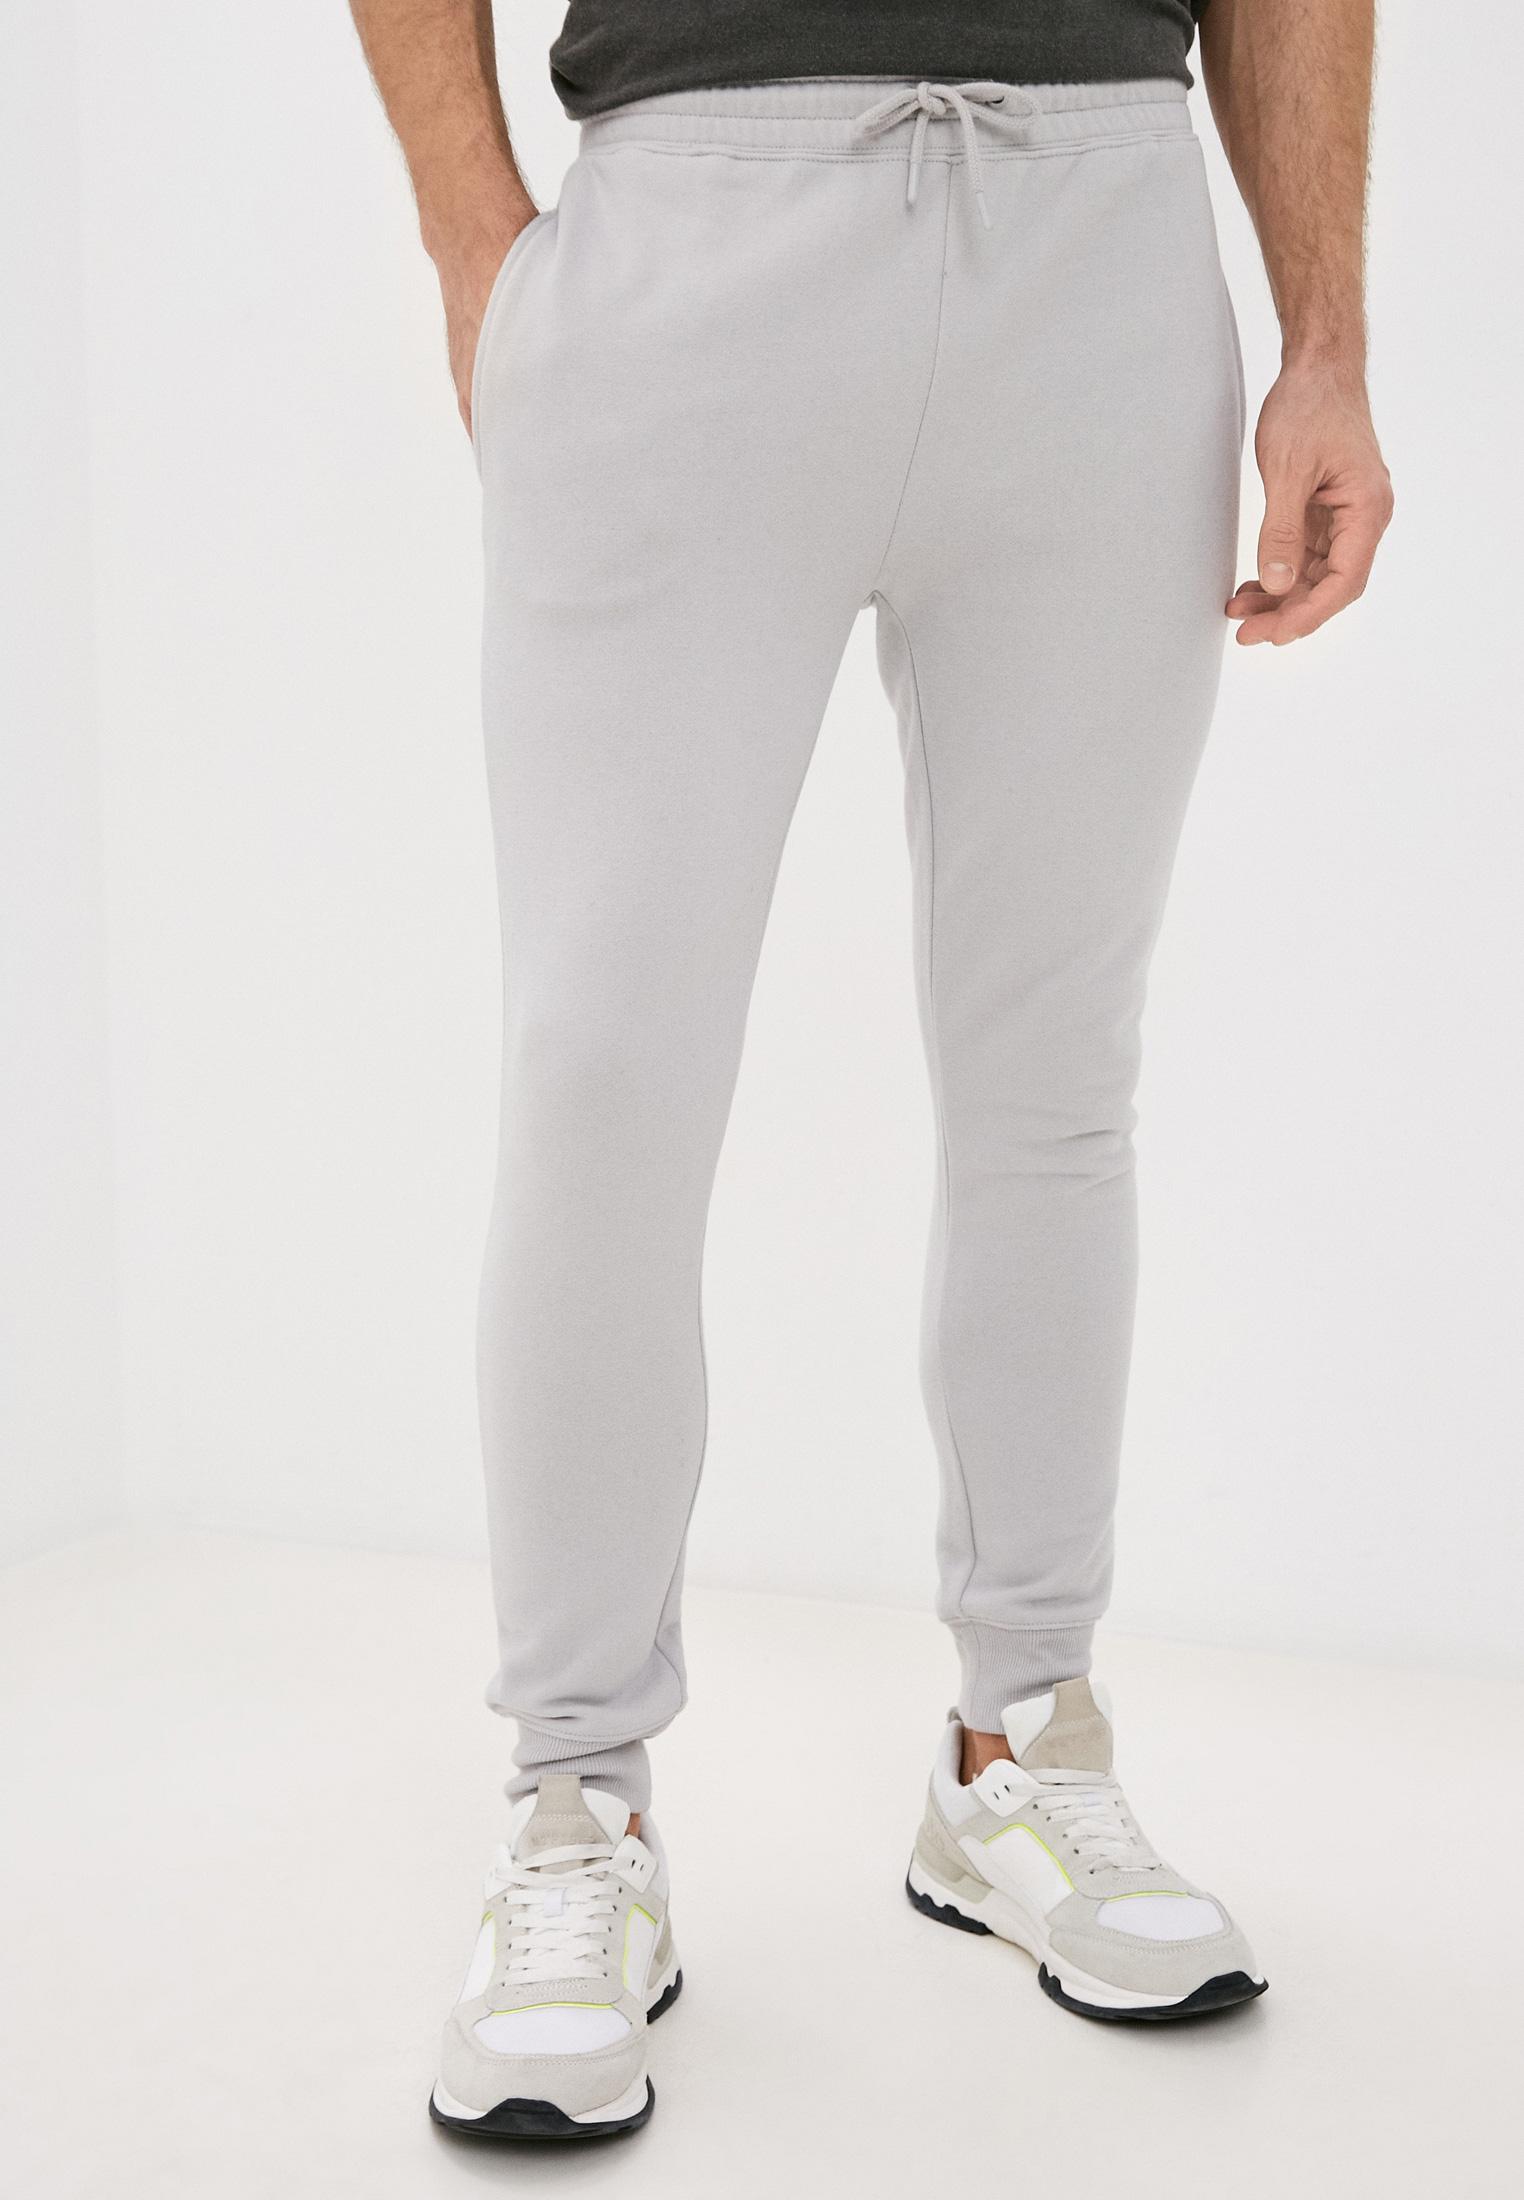 Мужские спортивные брюки Topman (Топмэн) Брюки спортивные Topman